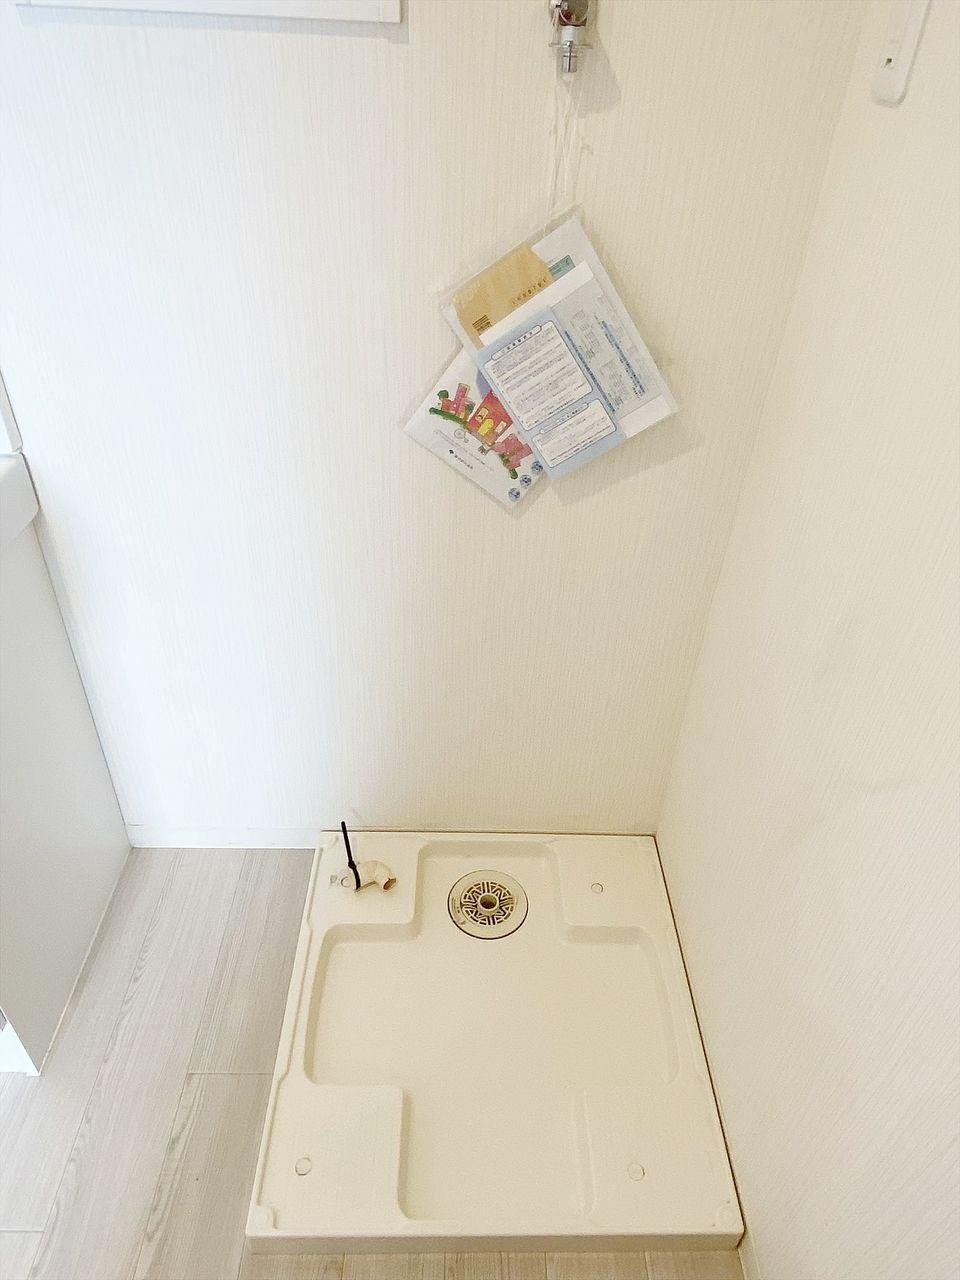 豊島区千早の賃貸マンション オーレ池袋西102号室 脱衣所に室内洗濯機置き場あります